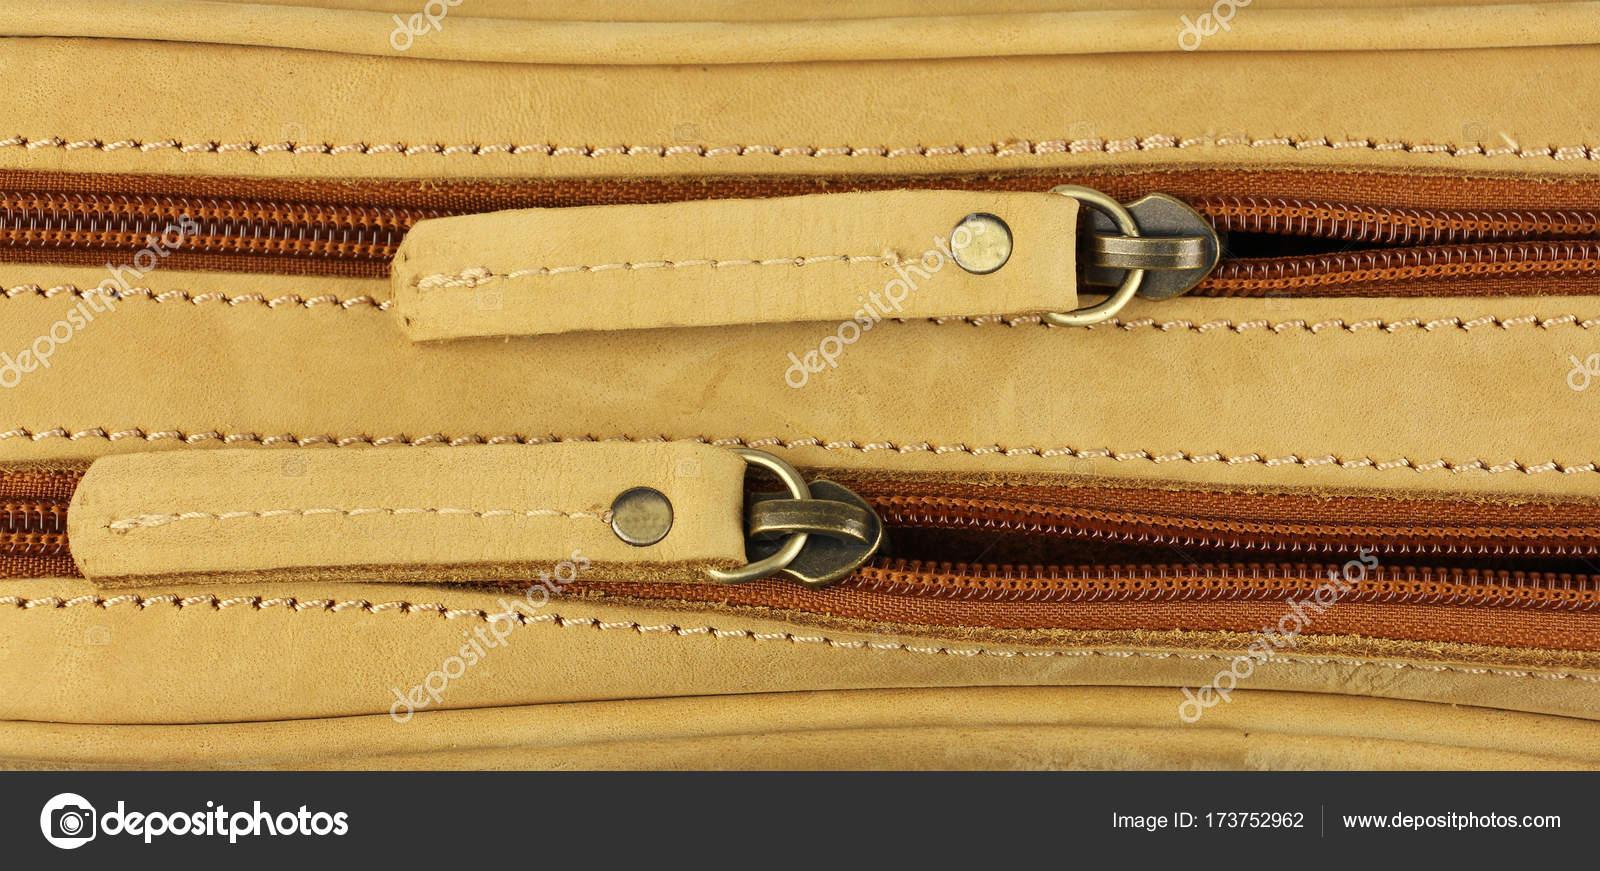 Dva zipy na žluté kožené pouzdro 910a115cbc